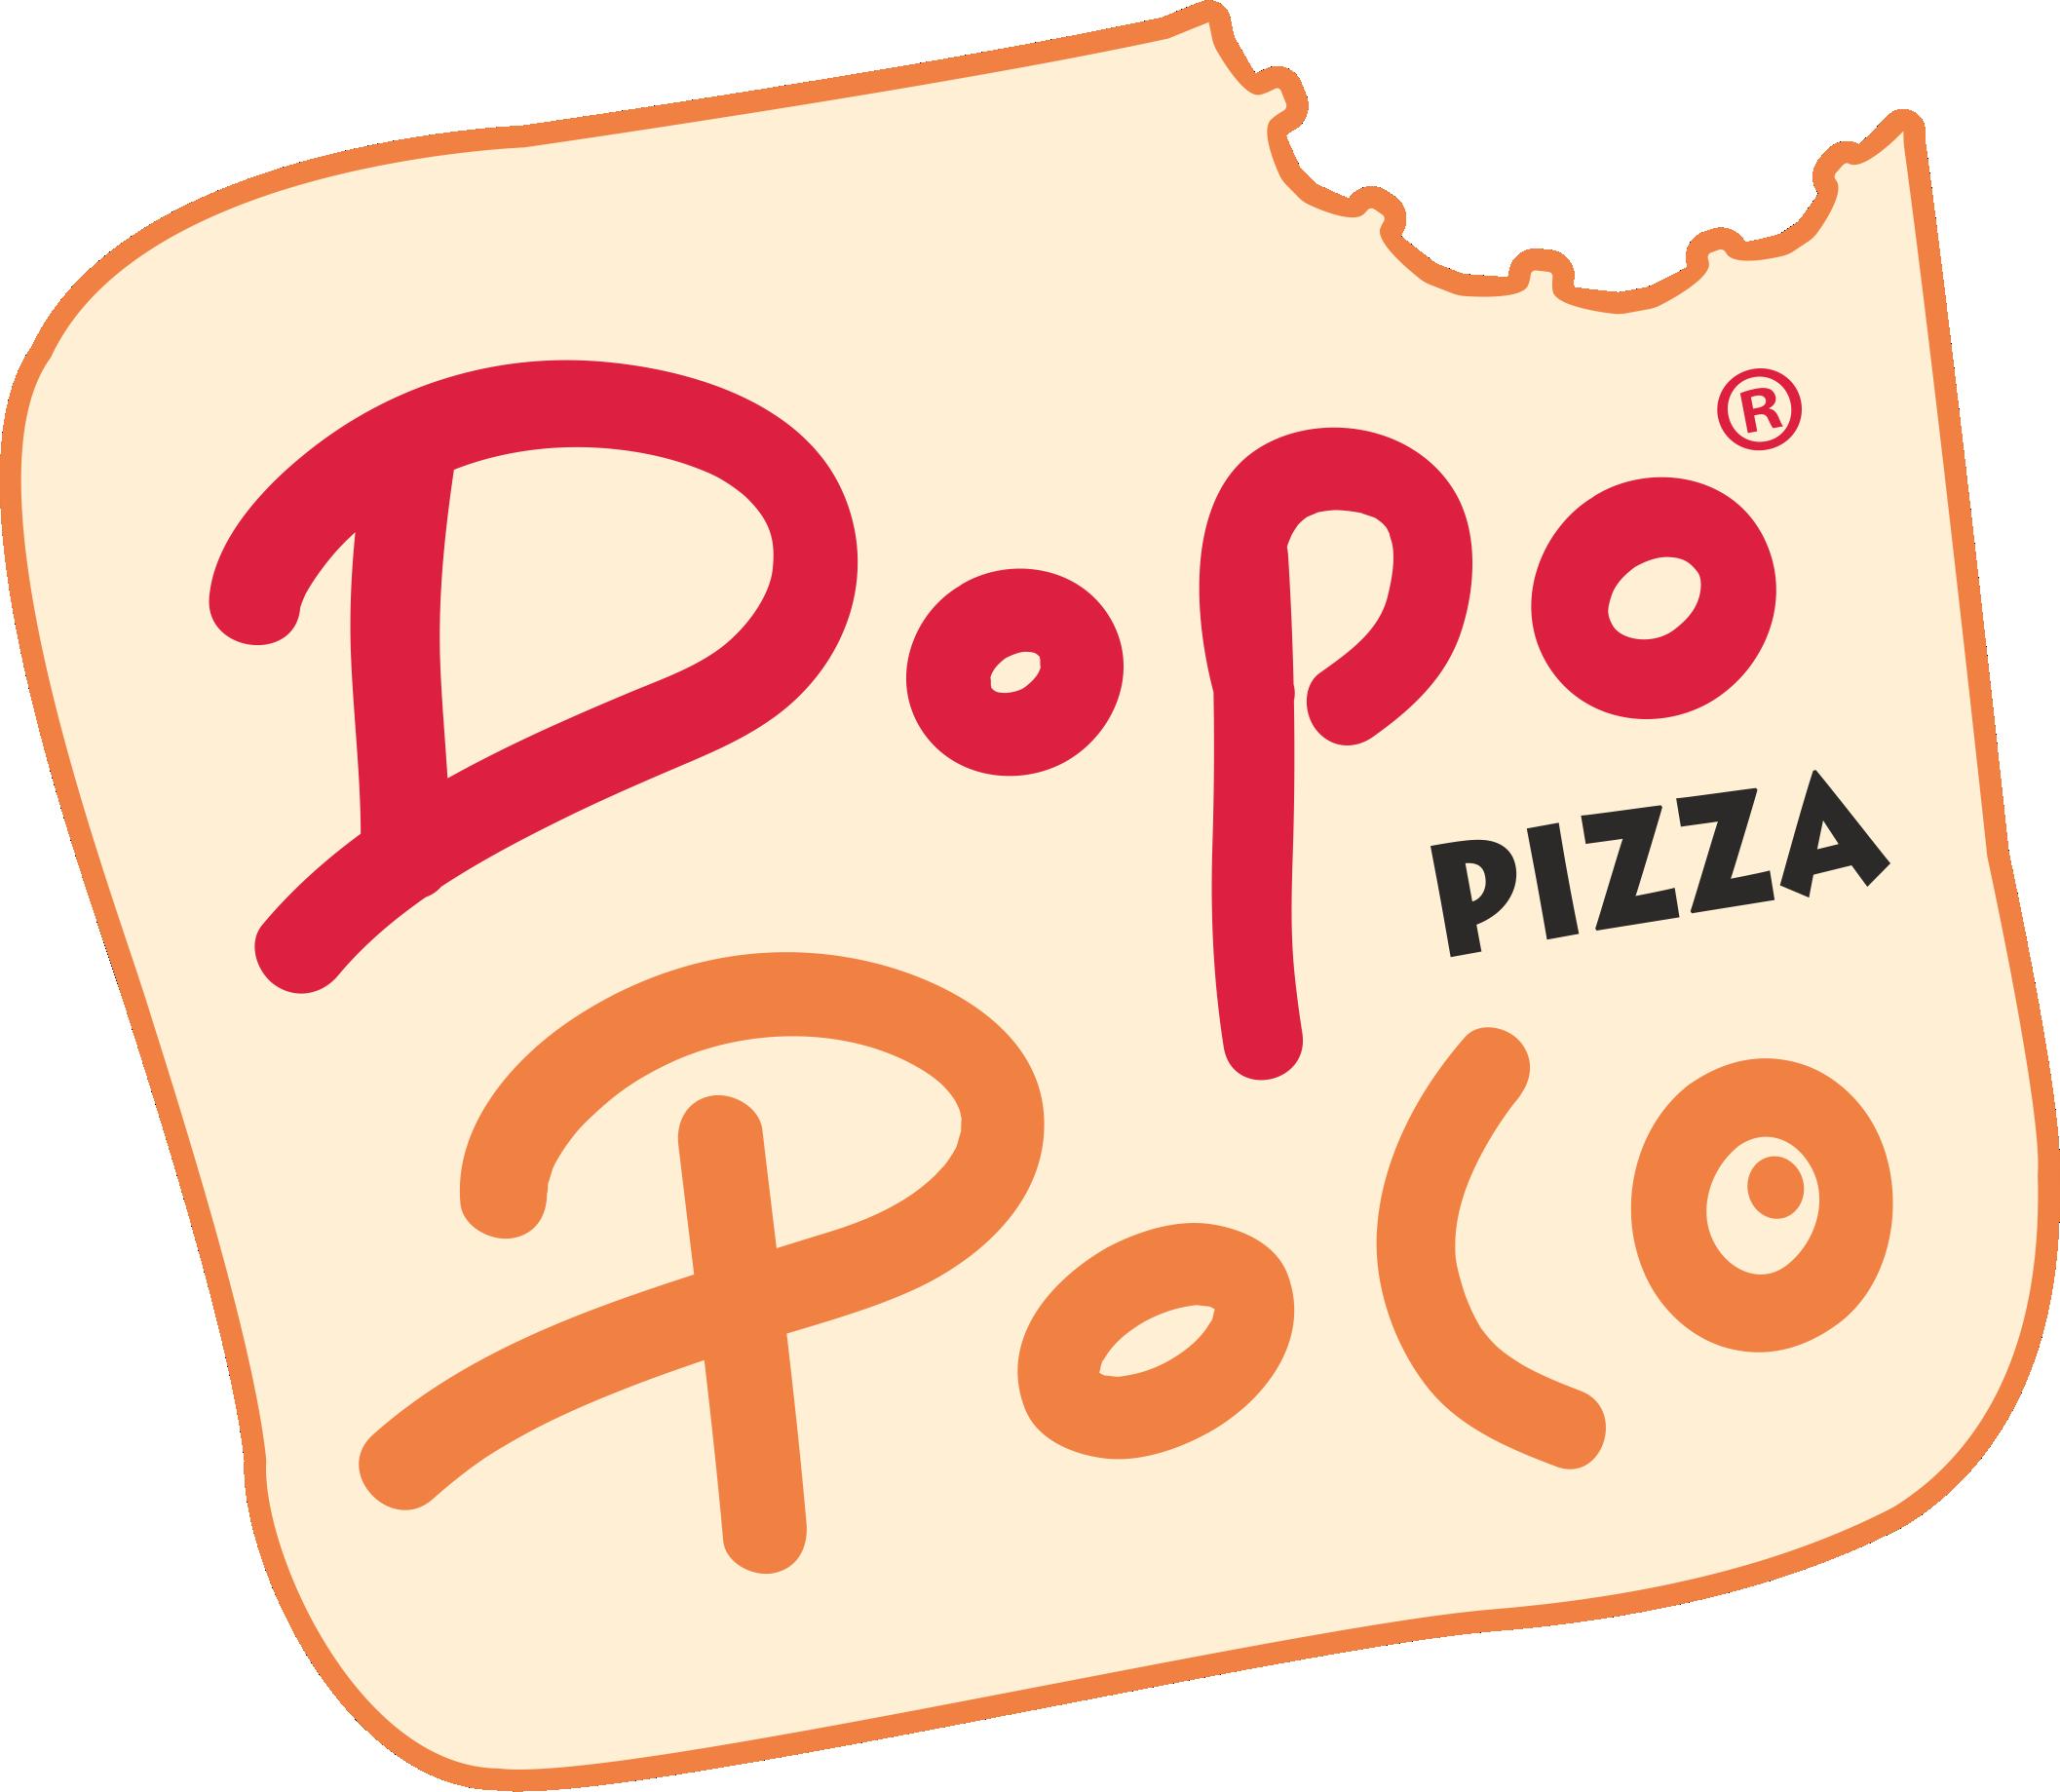 Doppo